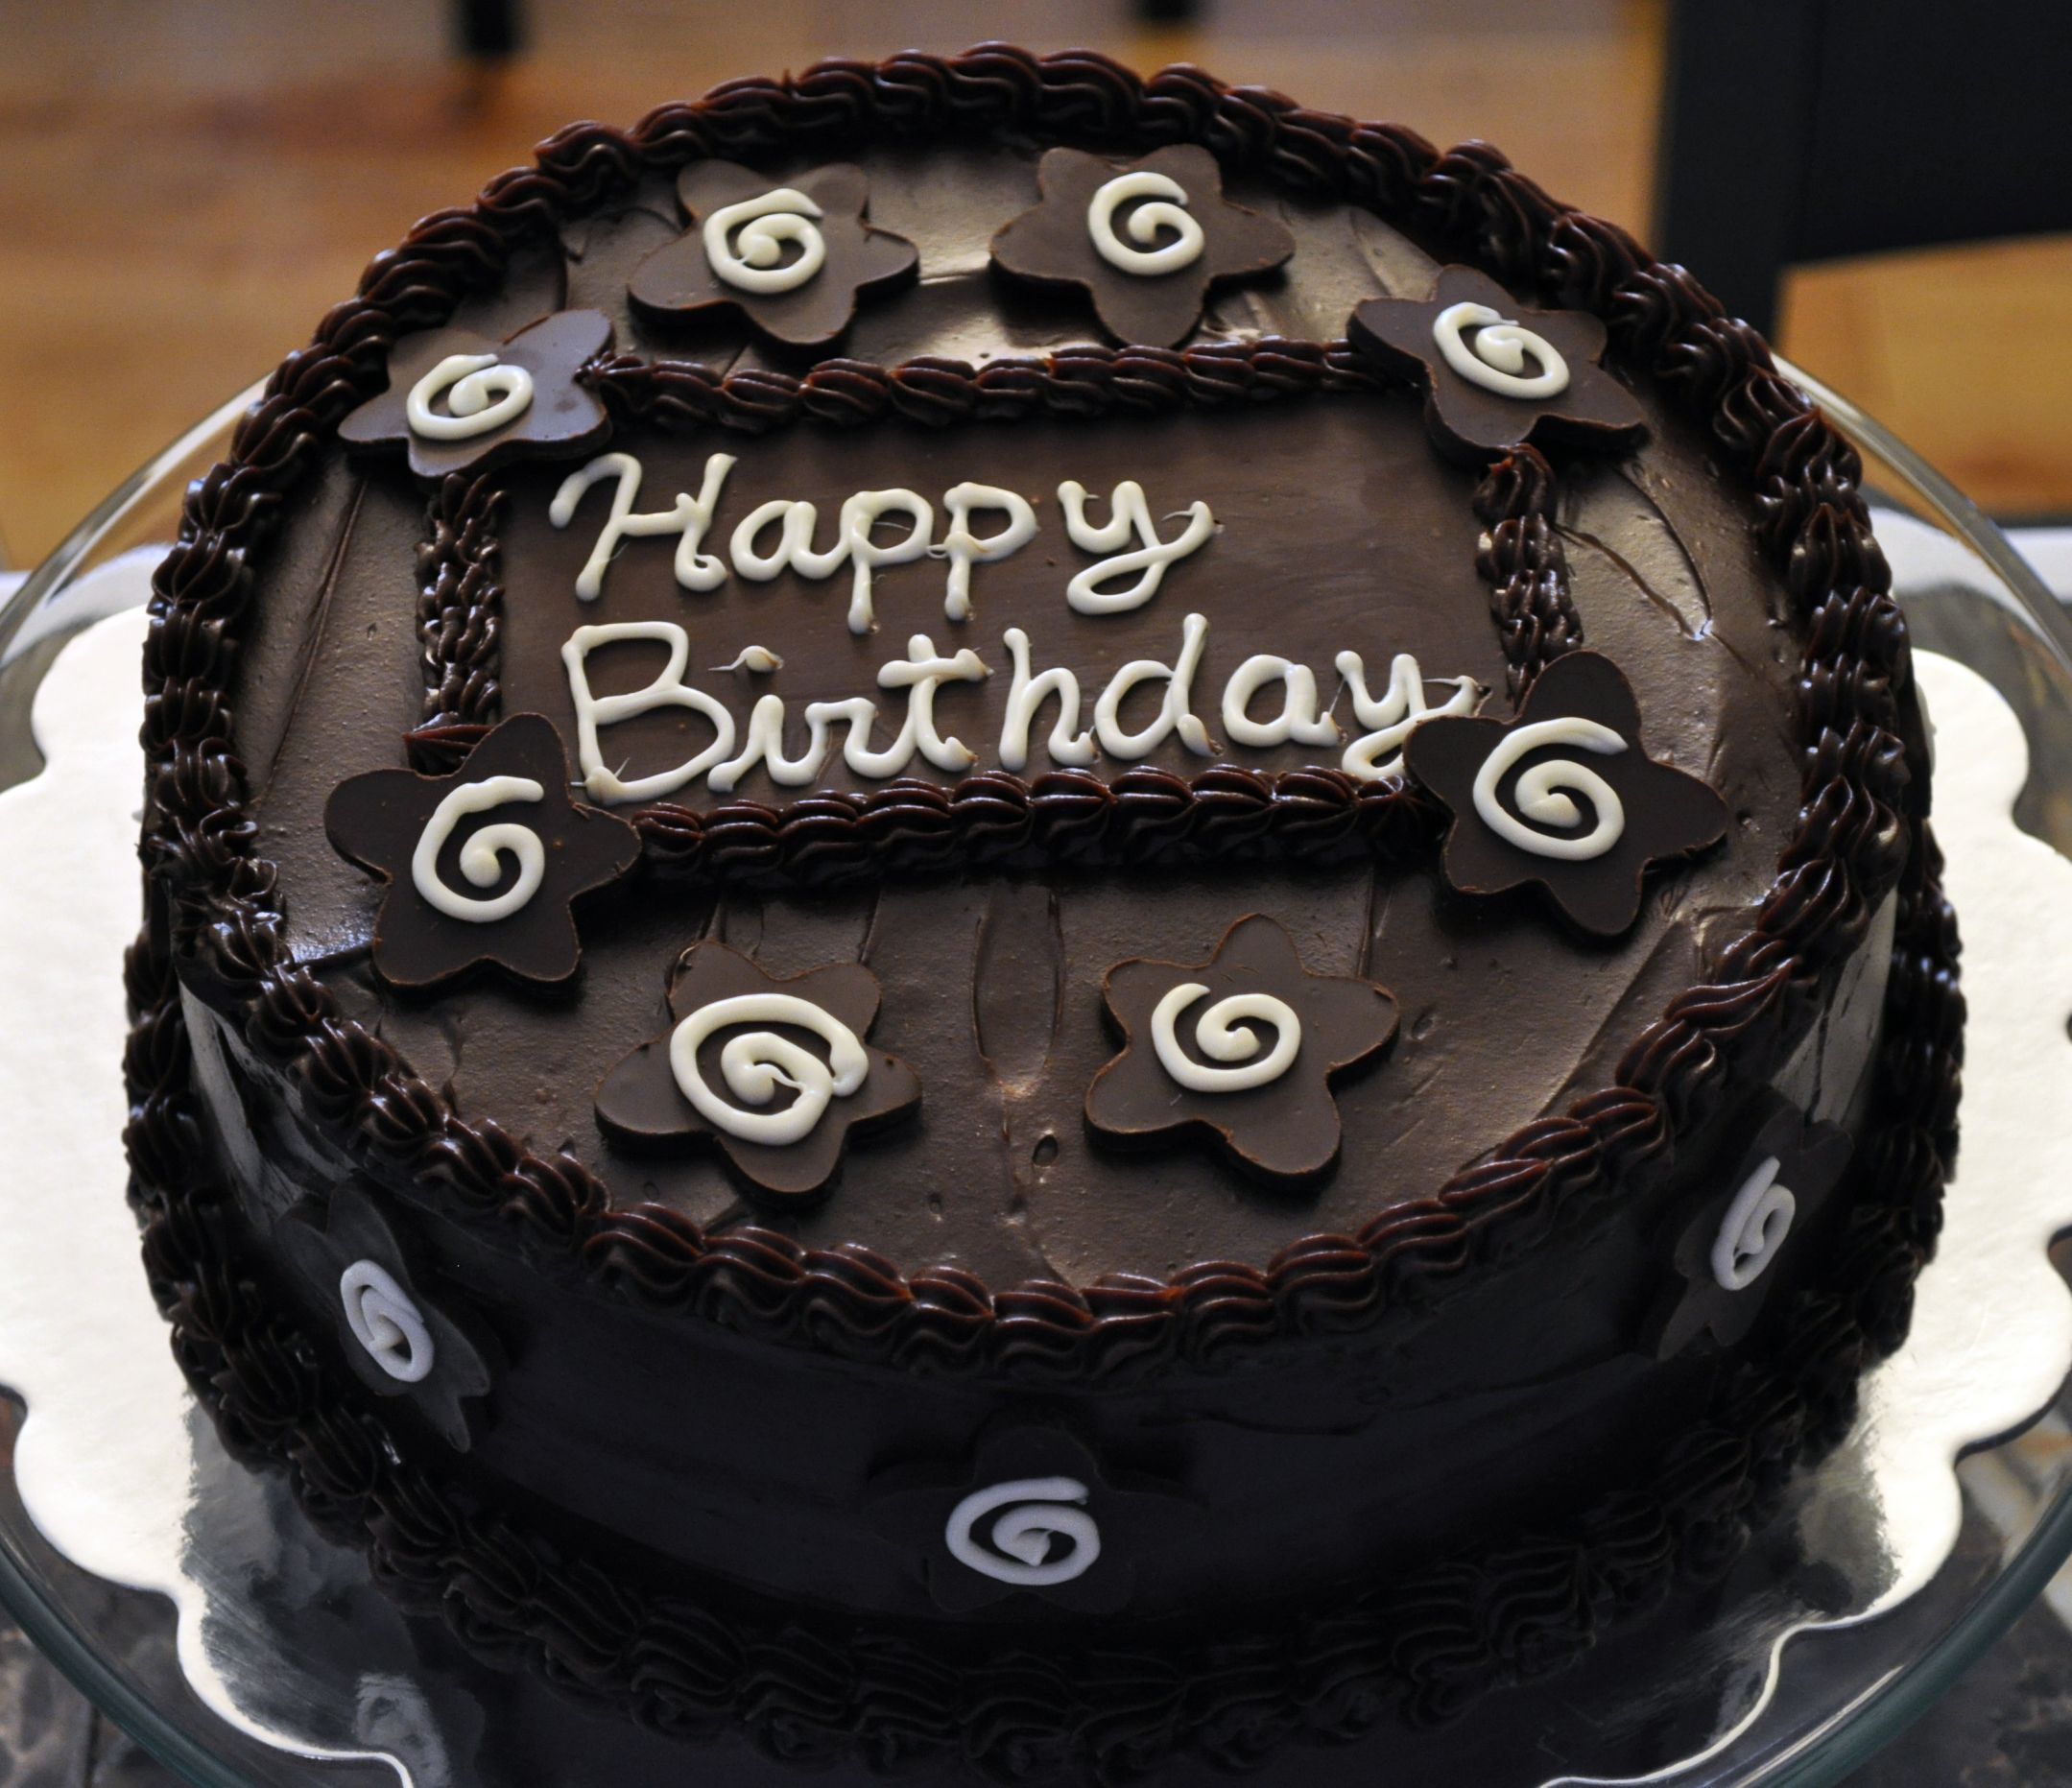 Happy Birthday New Black Forest Cake Cake In 2019 Happy Birthday